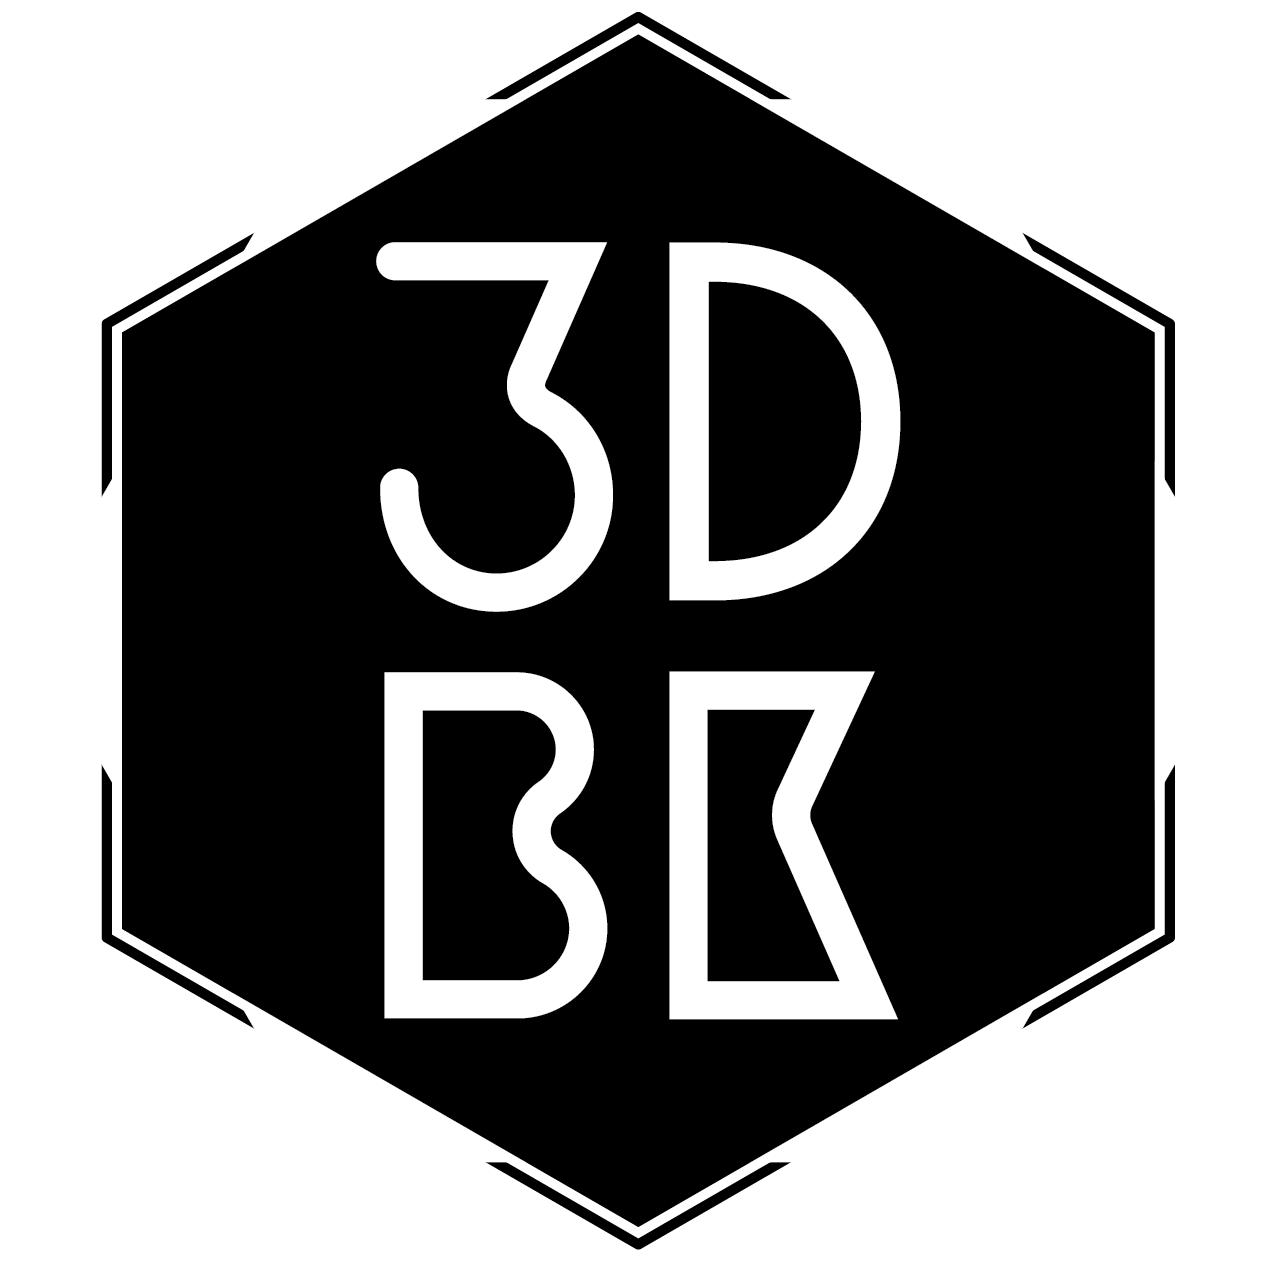 3DBrooklyn